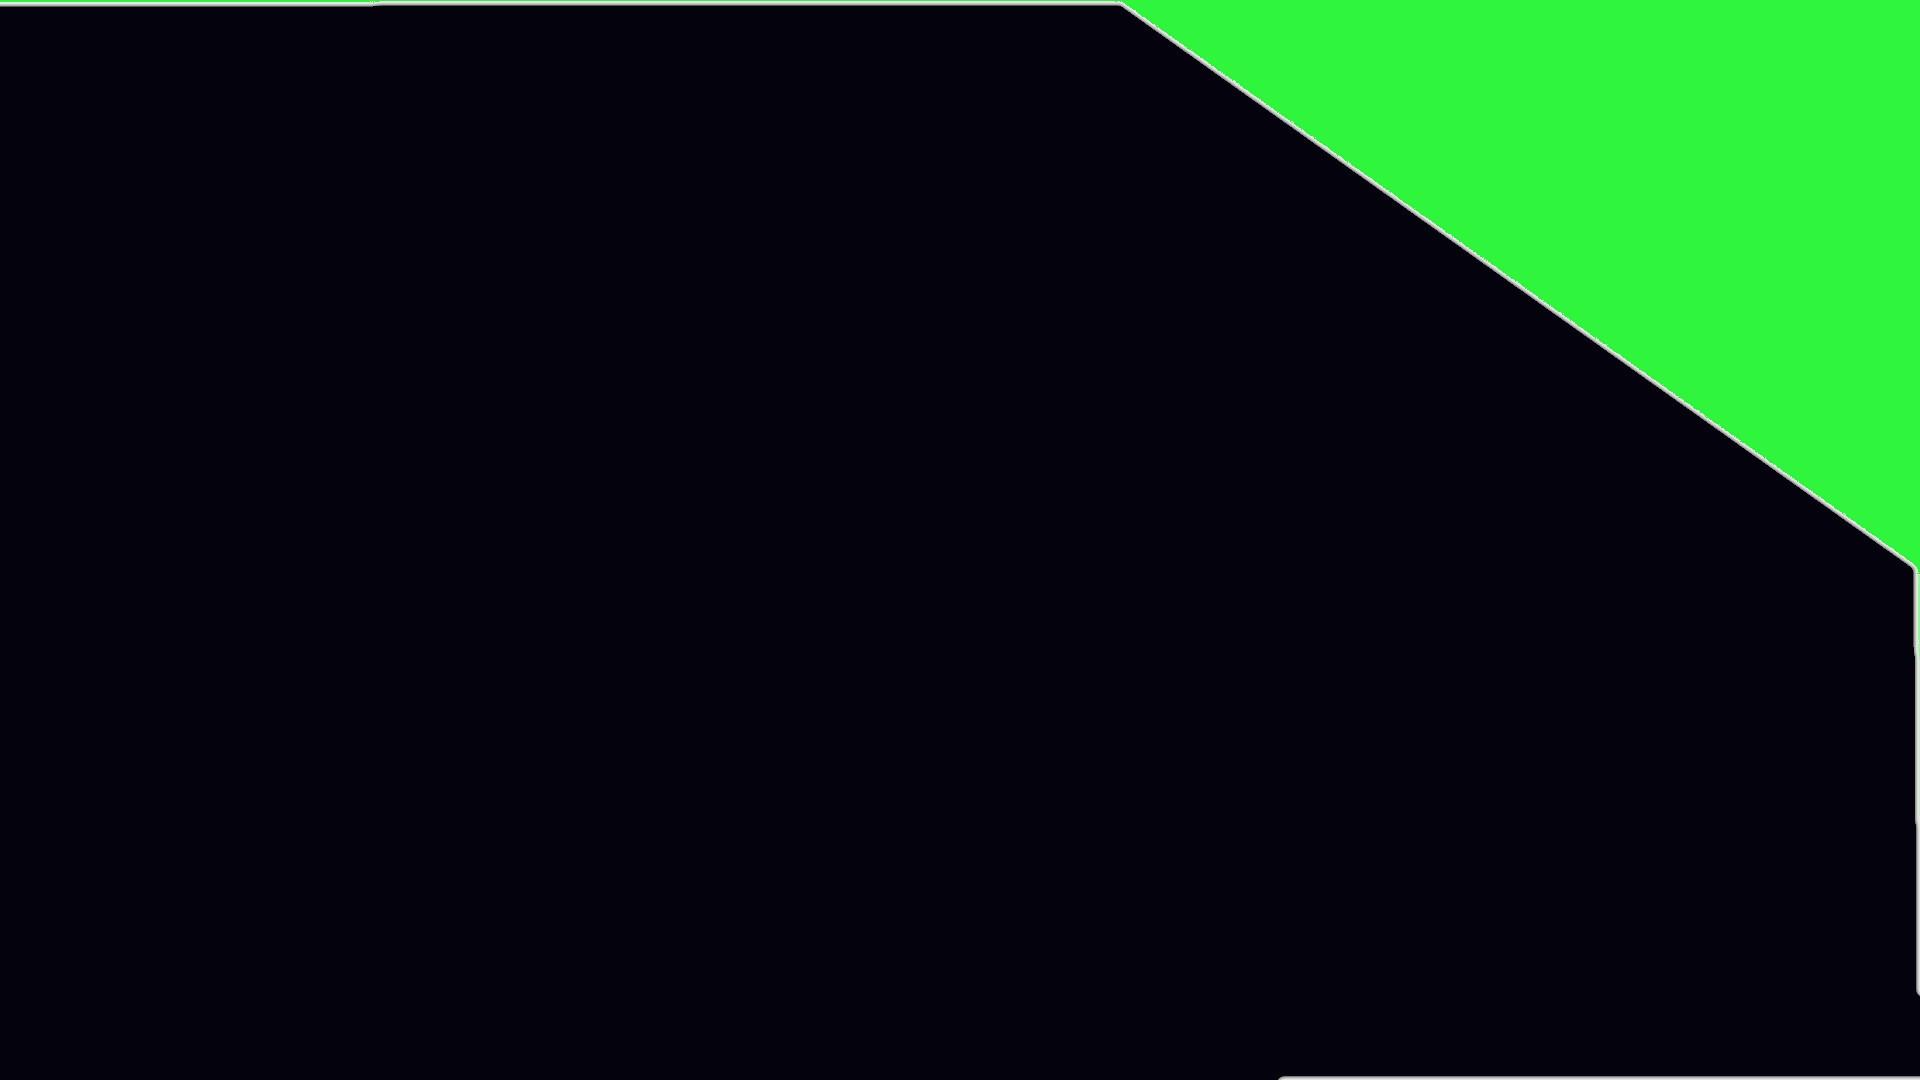 Černá a zelená